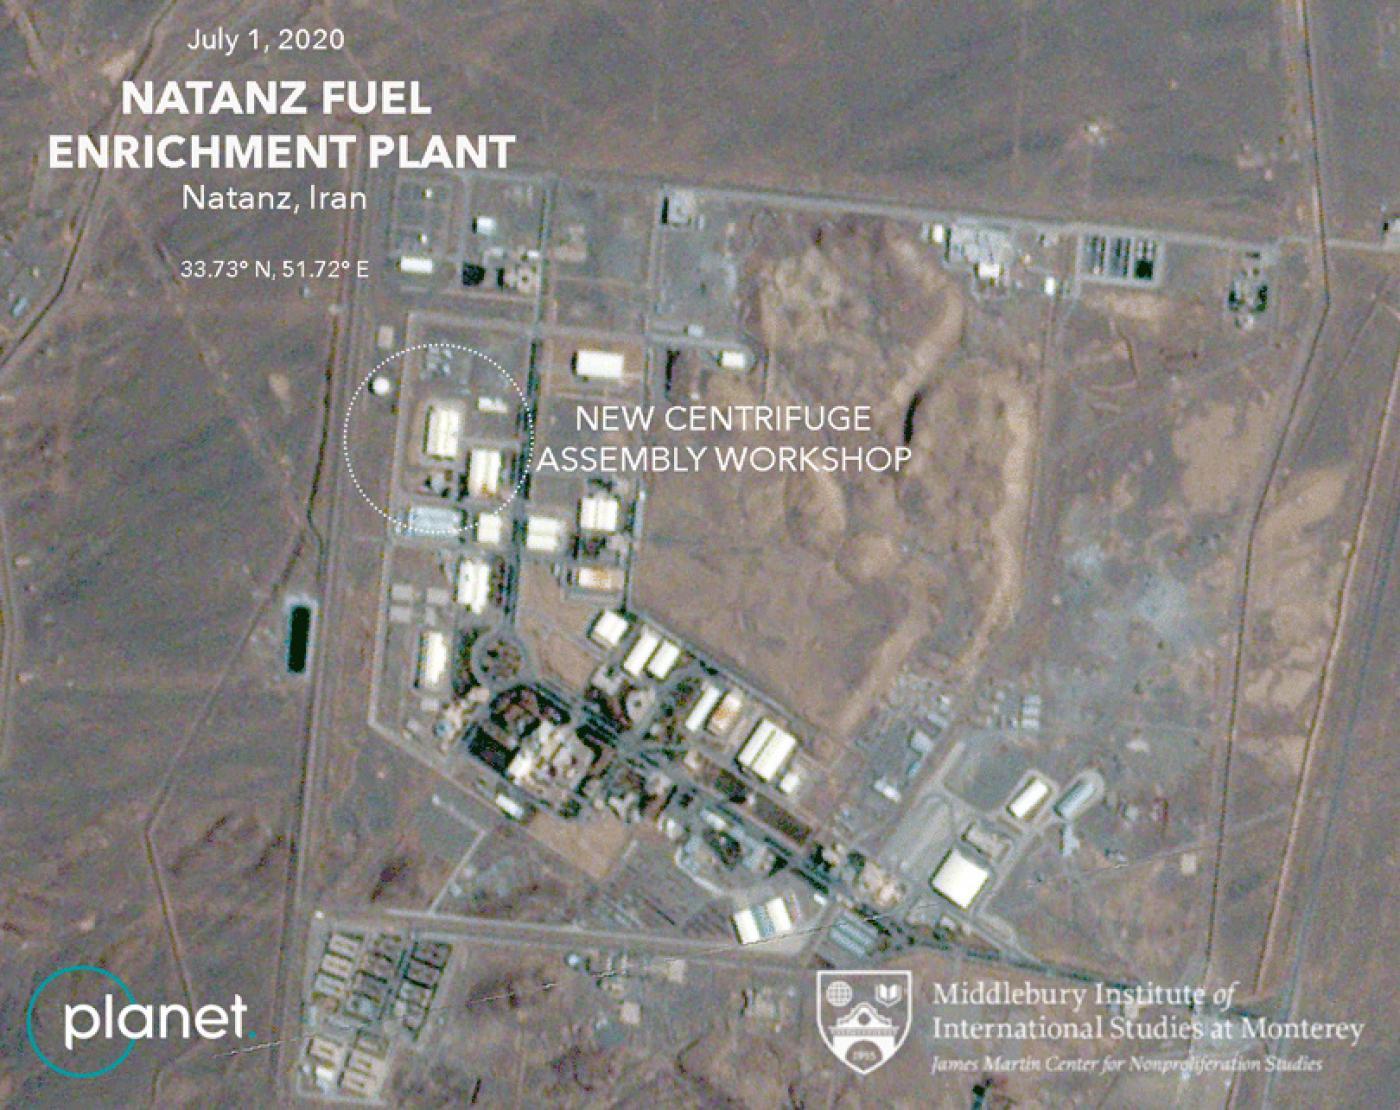 Χοντραίνει η κόντρα Ιράν-Ισραήλ: Ο Ιρανός ΥΠΕΞ κατηγόρησε το Ισραήλ για επίθεση στις πυρηνικές εγκαταστάσεις στη Νατάνζ και υποσχέθηκε εκδίκηση